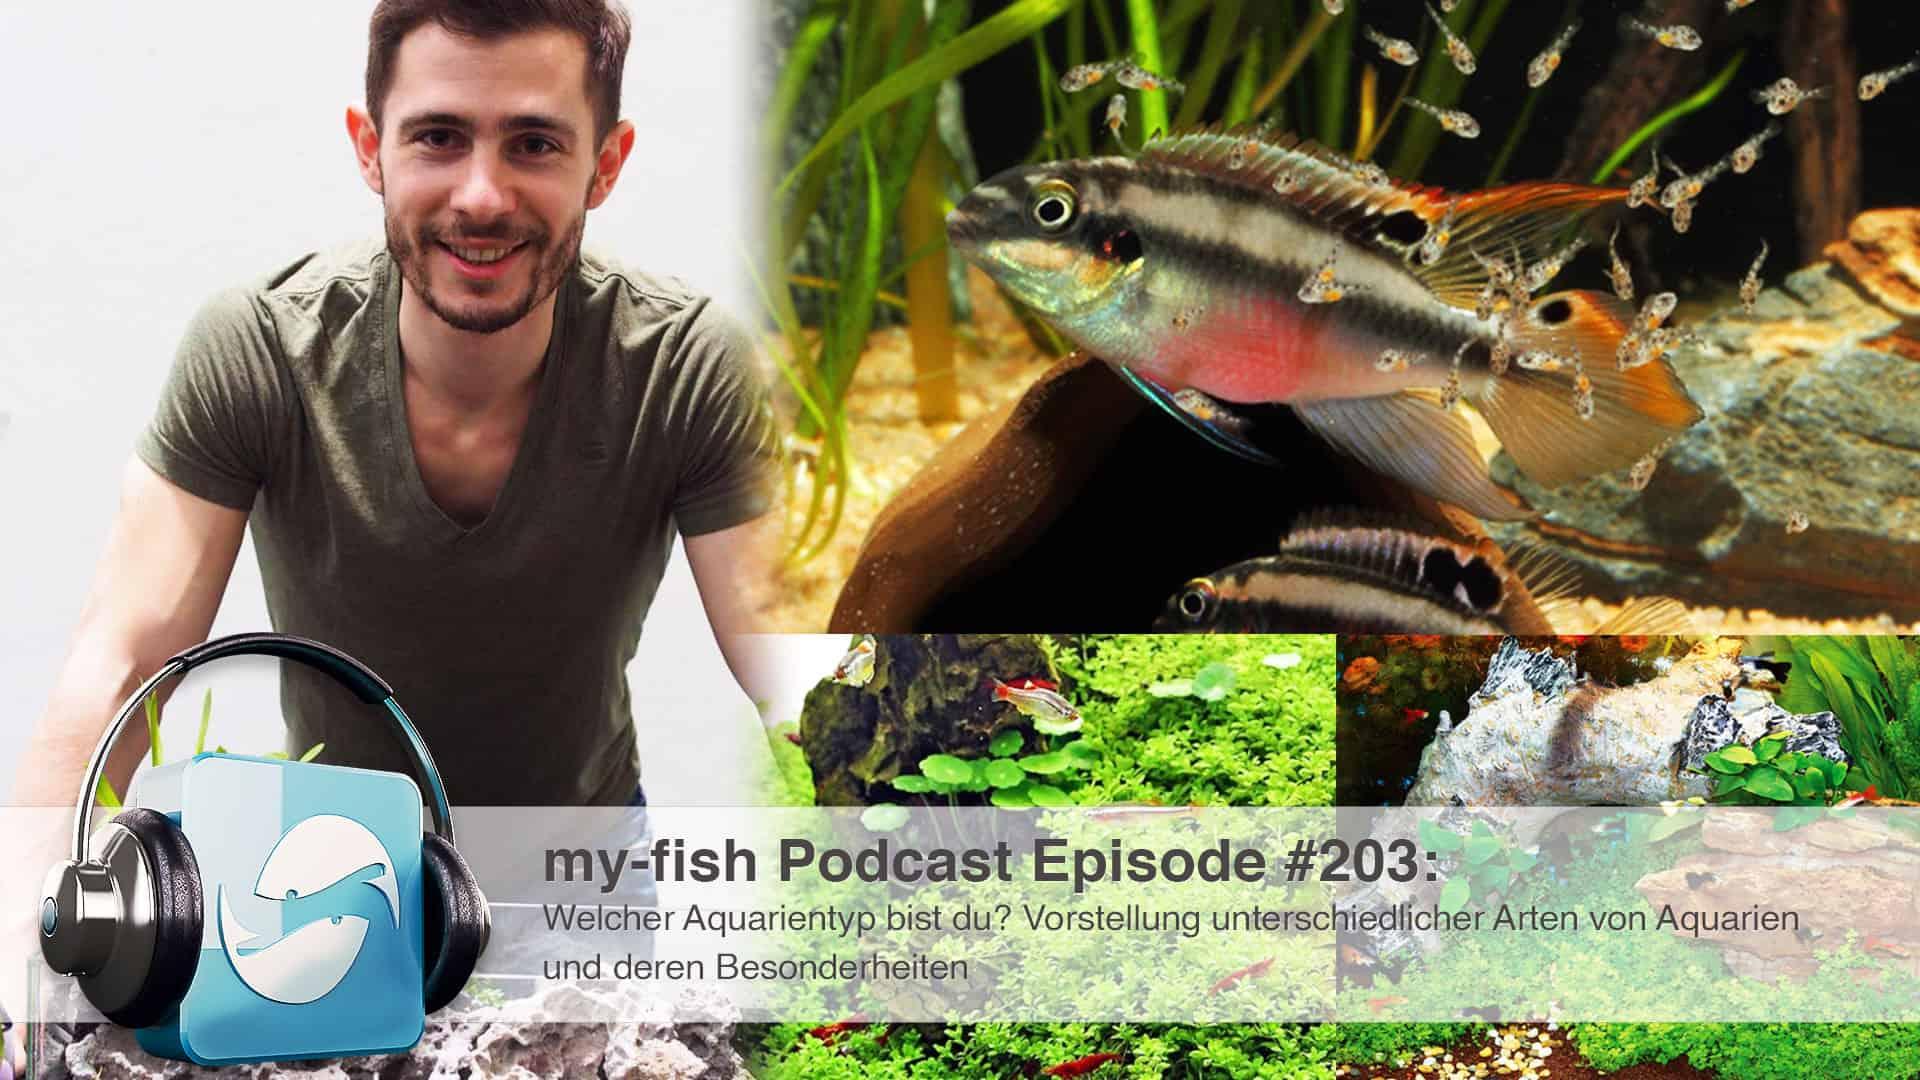 Podcast Episode #203: Welcher Aquarientyp bist du? Vorstellung unterschiedlicher Arten von Aquarien und deren Besonderheiten 1